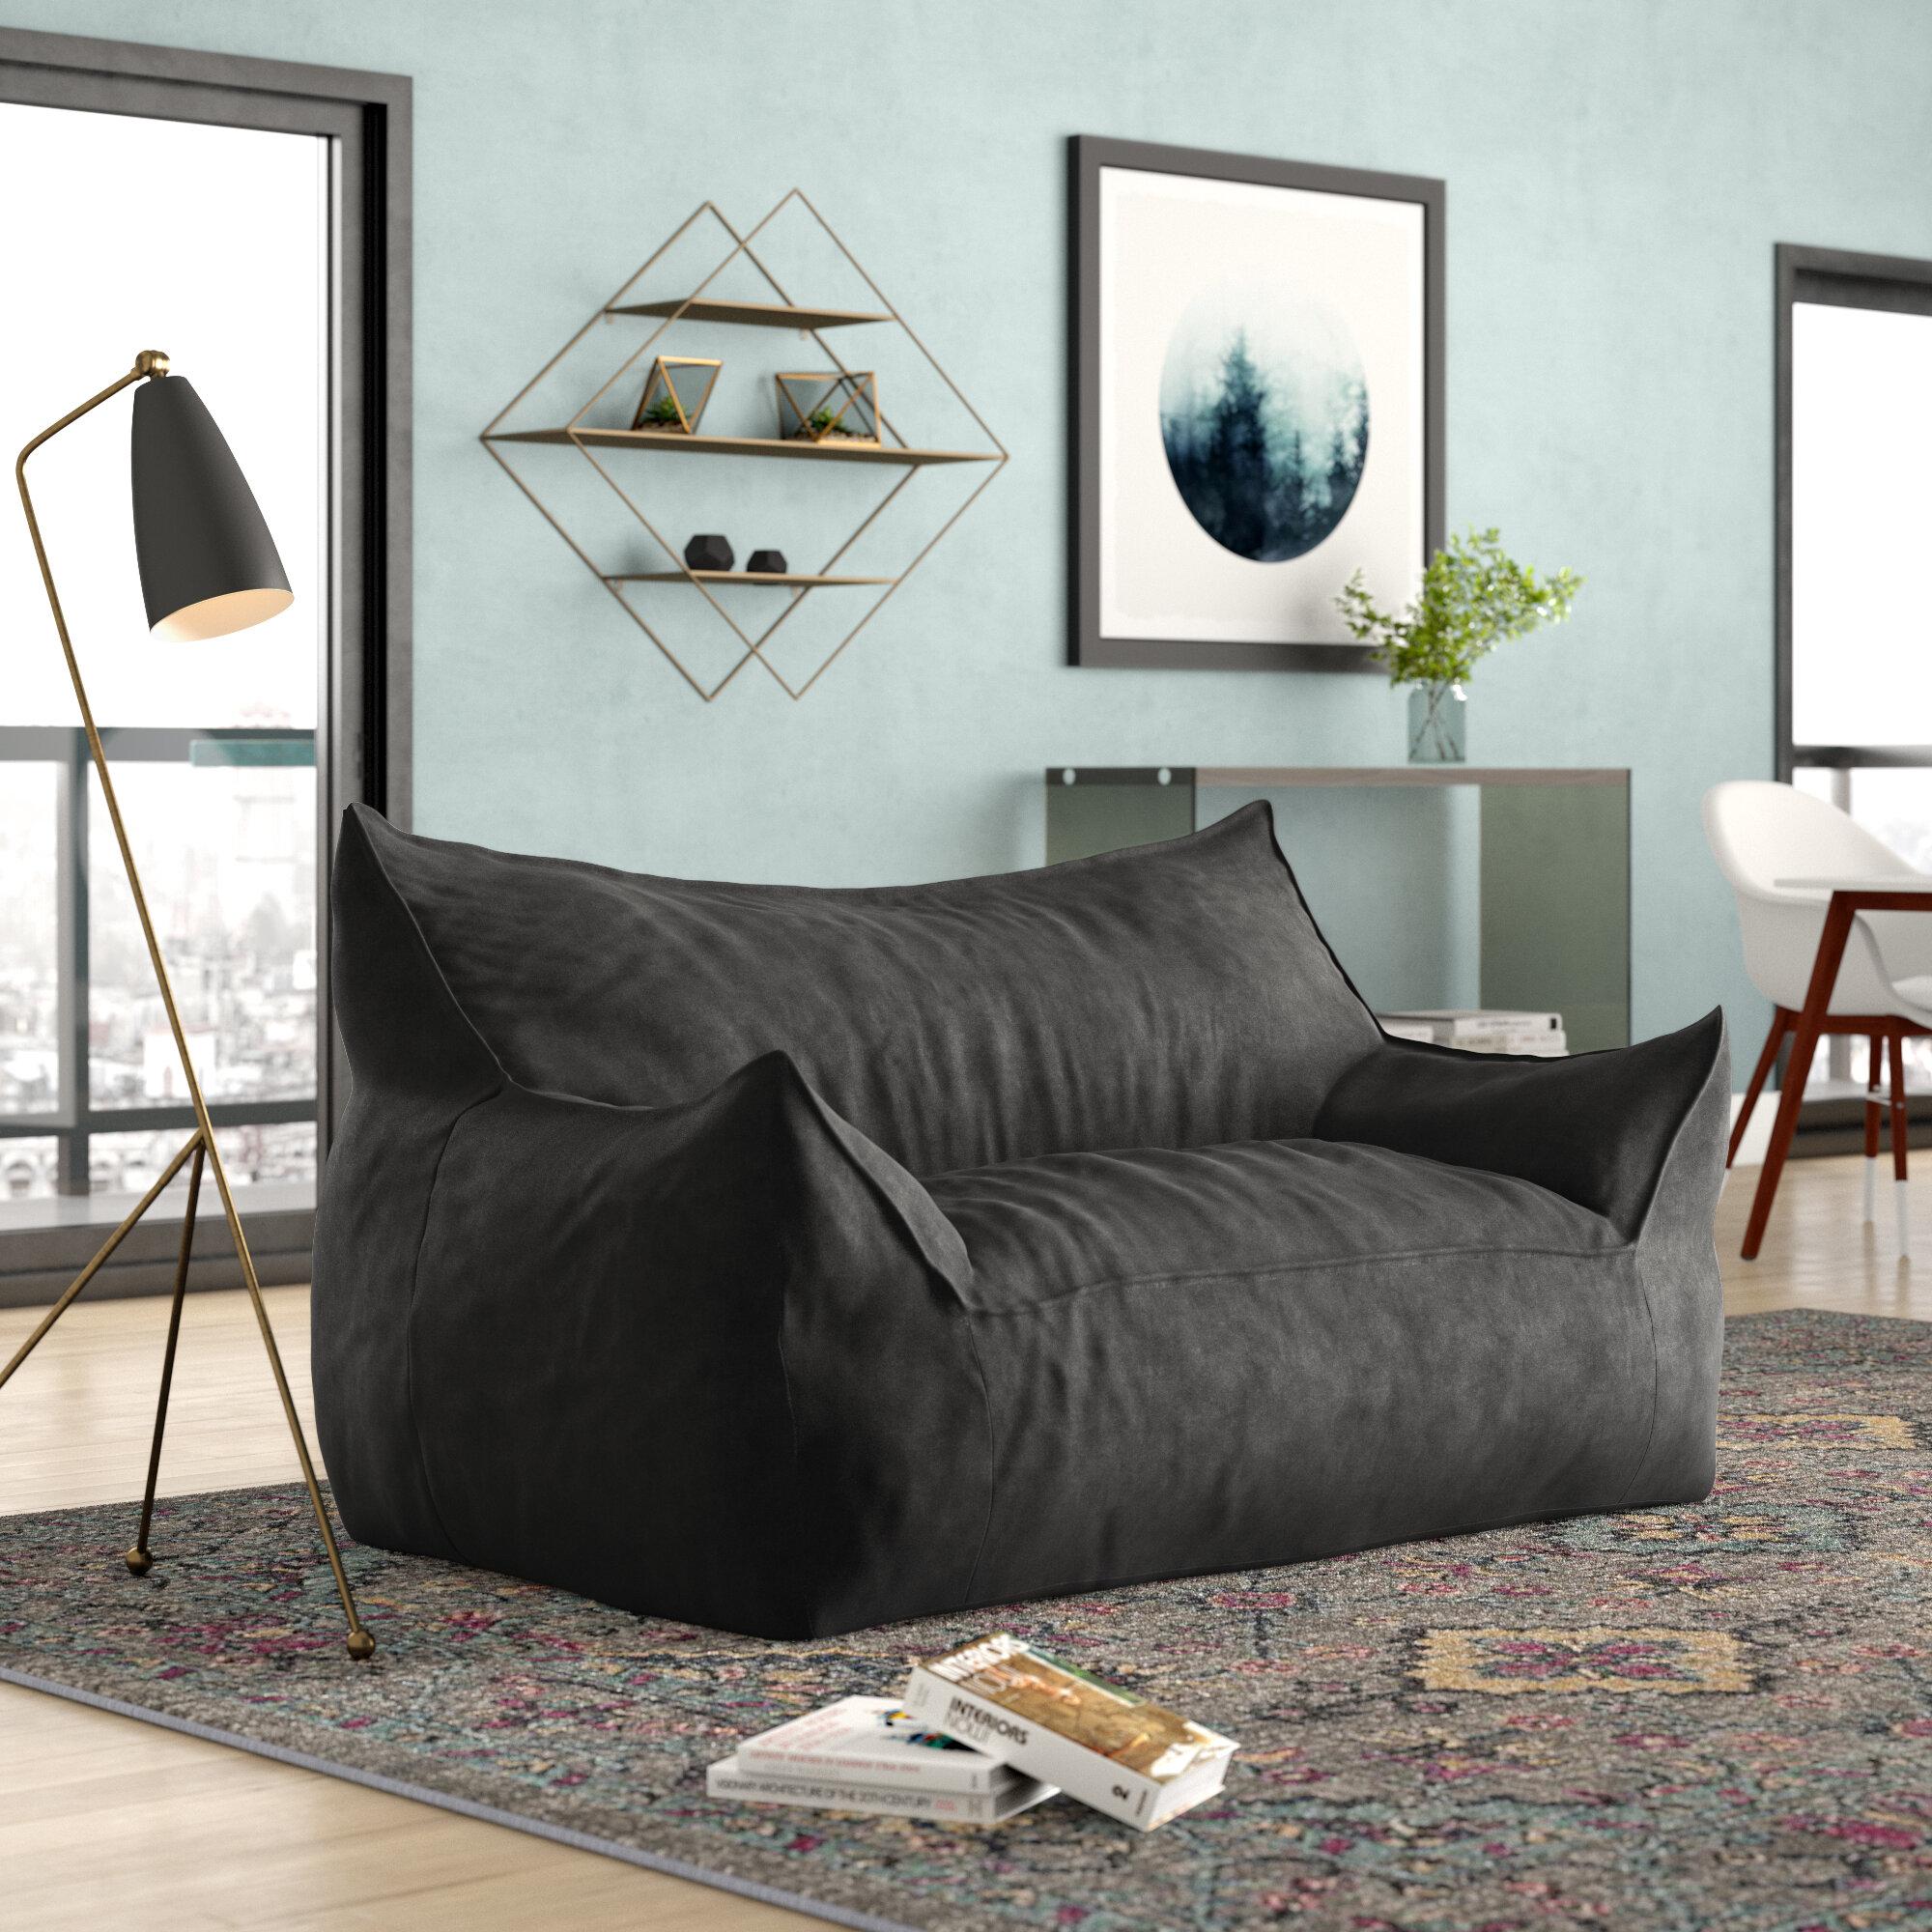 Admirable Union Jack Bean Bag Wayfair Creativecarmelina Interior Chair Design Creativecarmelinacom